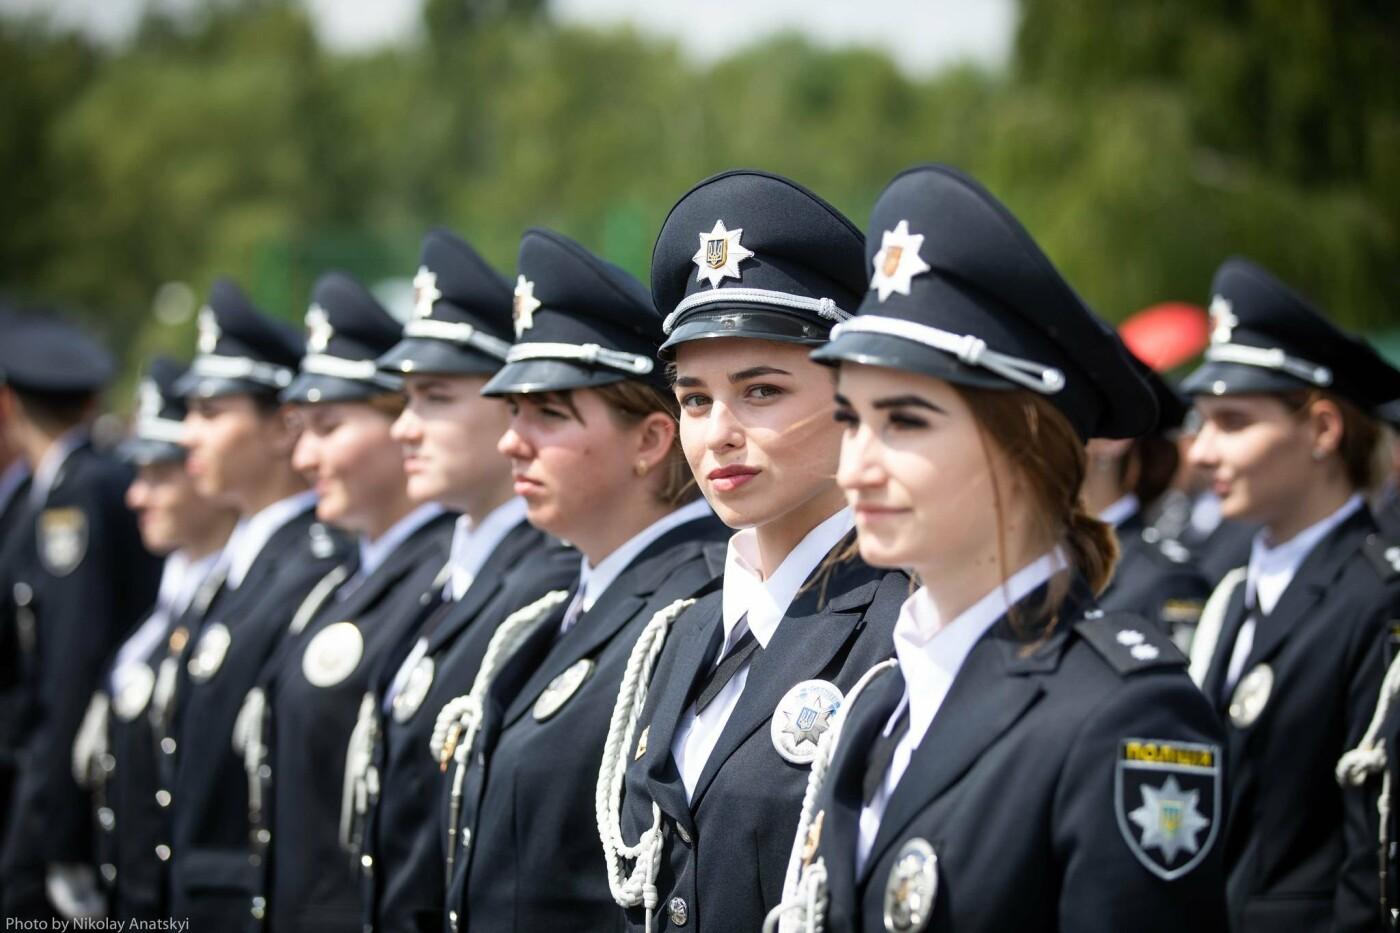 ТОП-5 причин стать украинским полицейским и как это можно сделать в Киеве, Фото: Национальная полиция